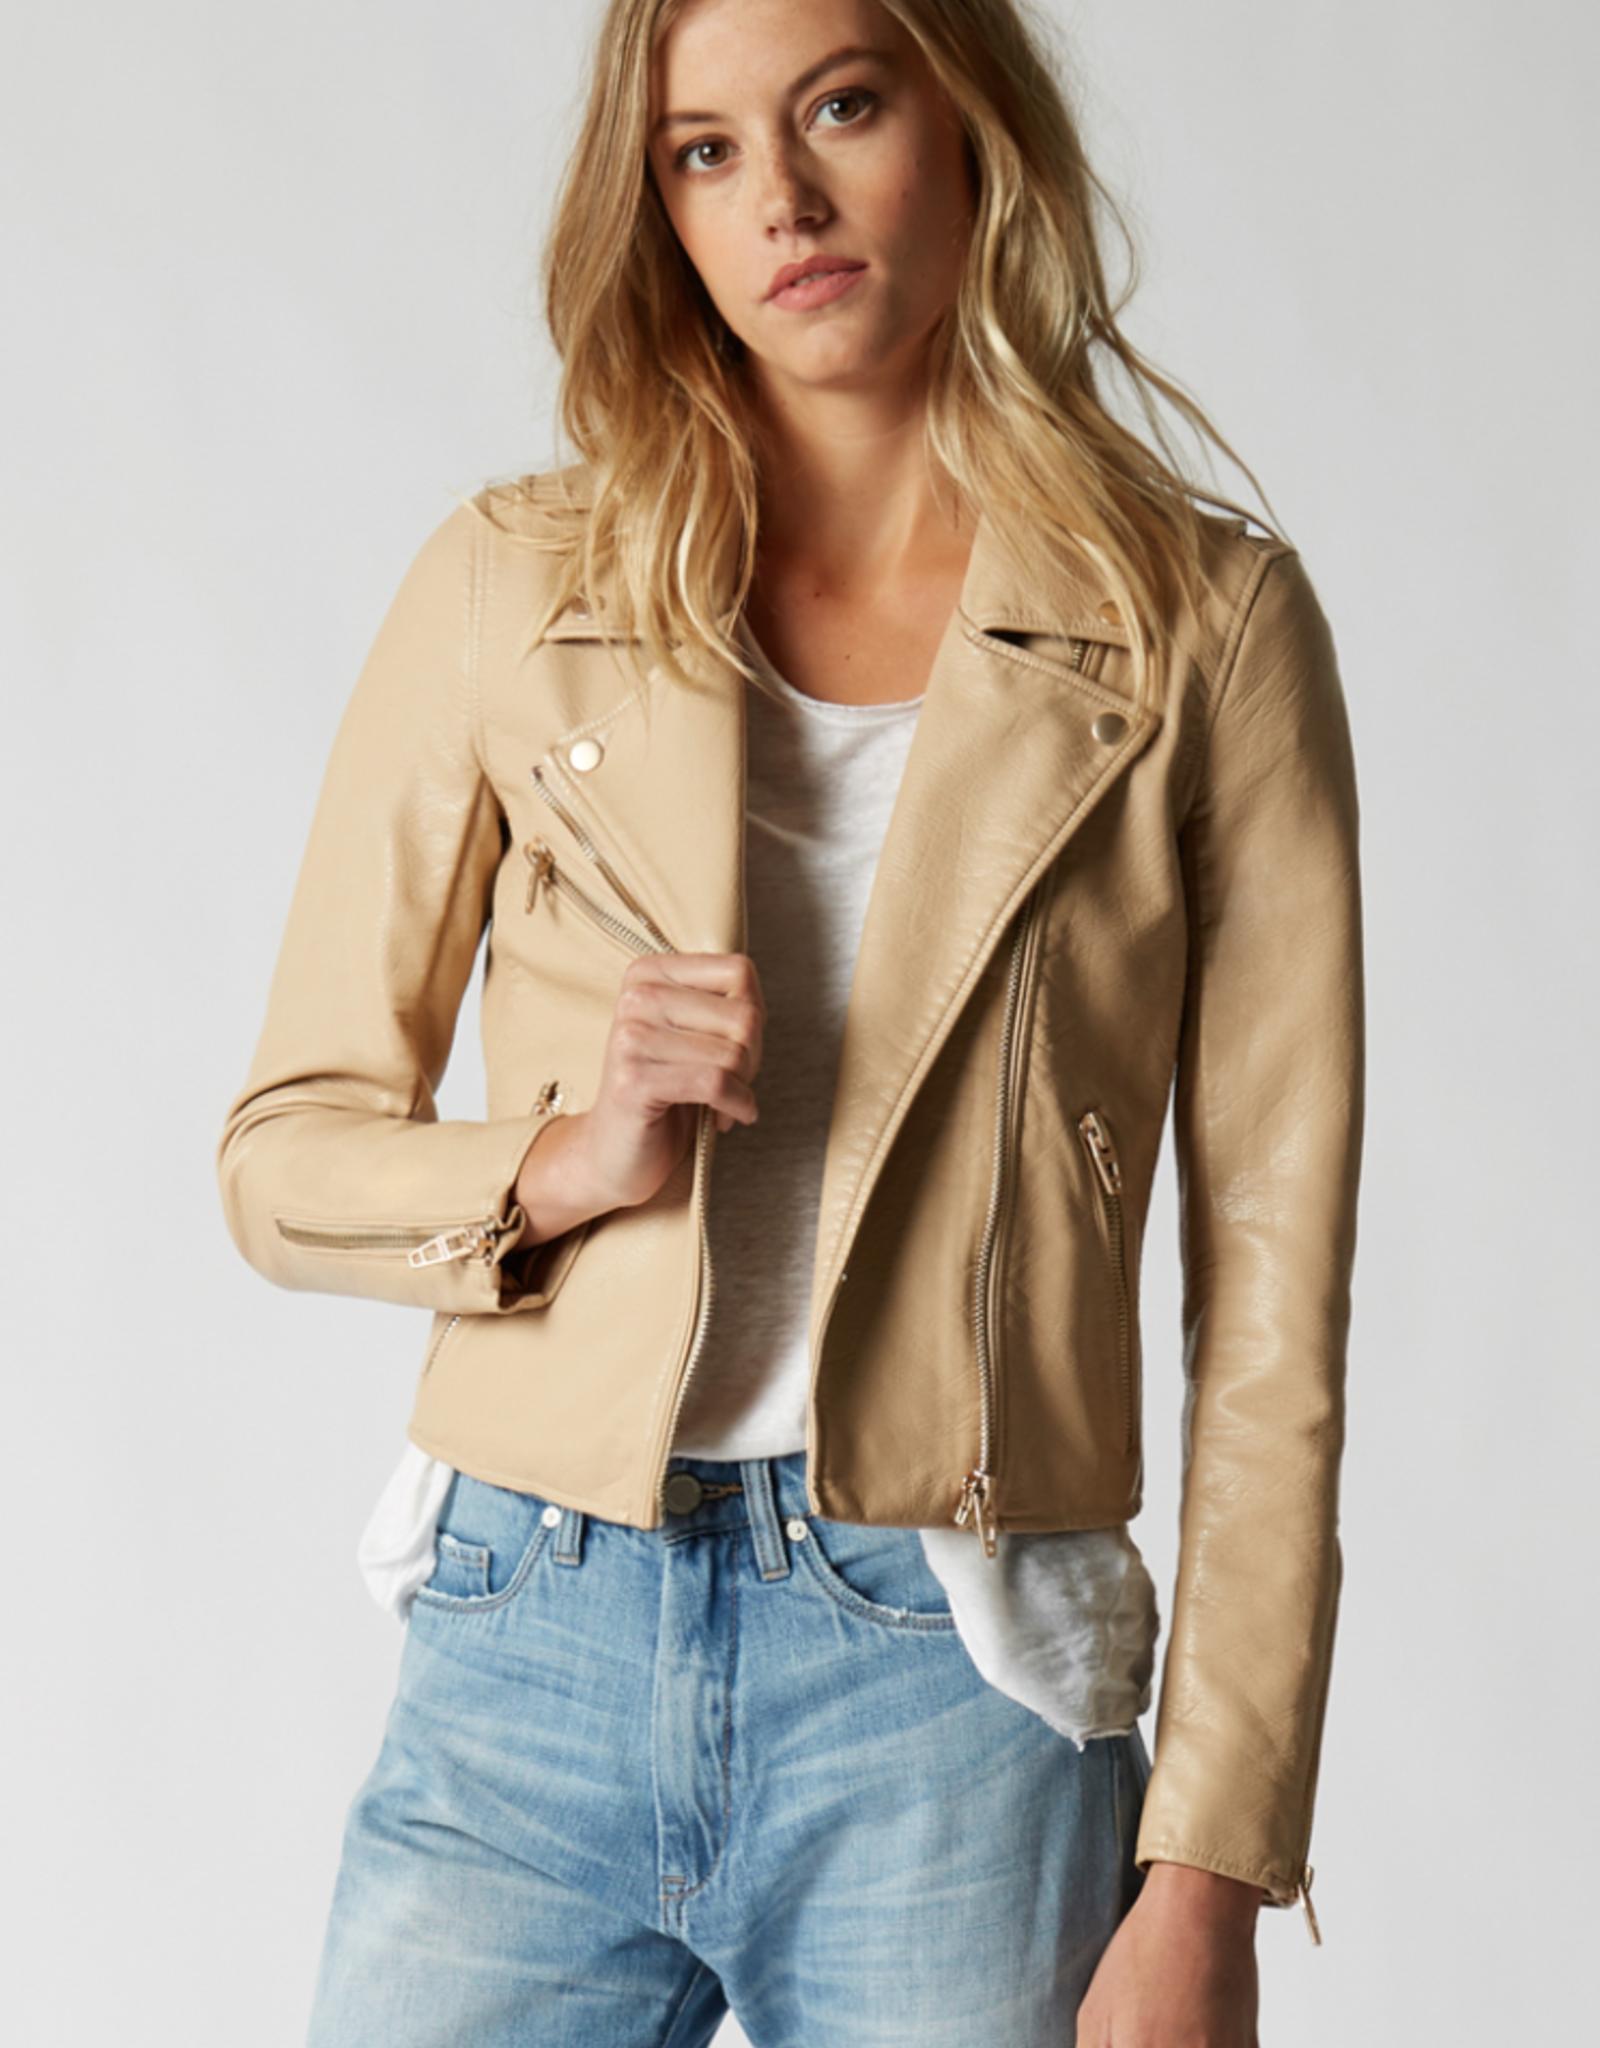 BlankNYC BlankNYC Natural Light Vegan Leather Moto Jacket